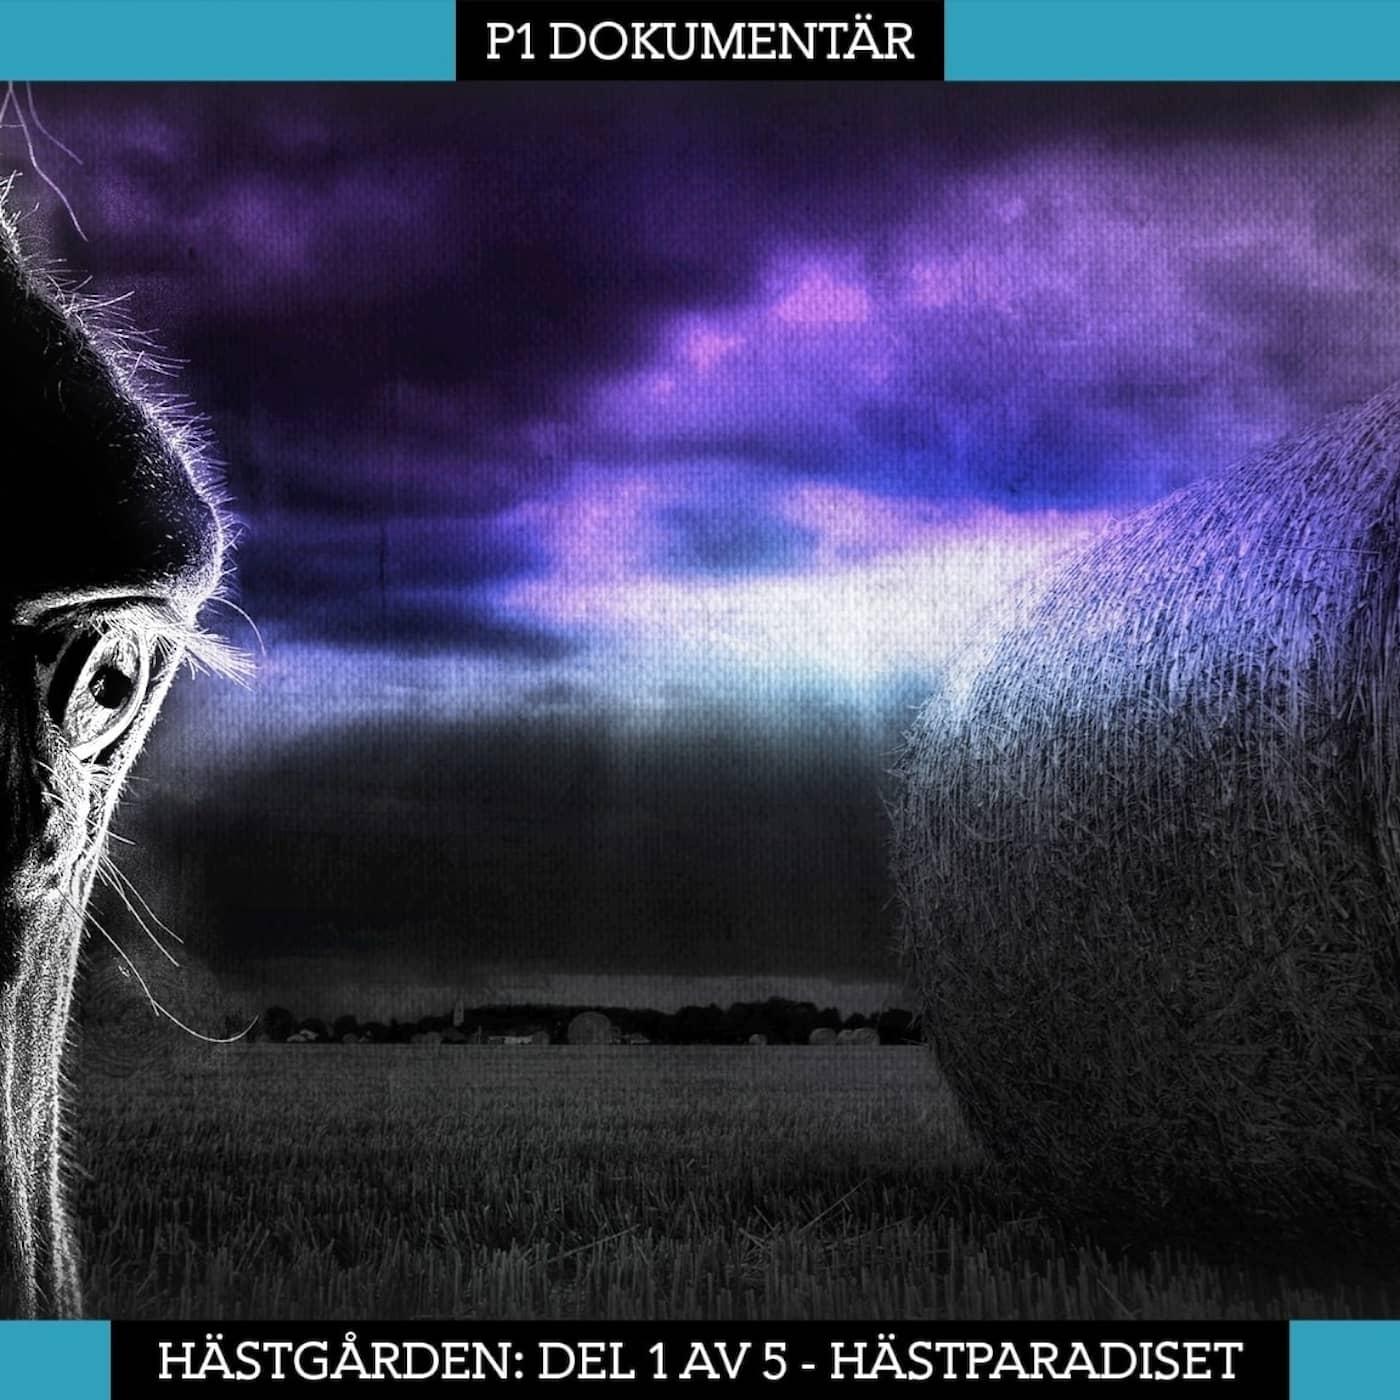 PODDTIPS: Serien Hästgården